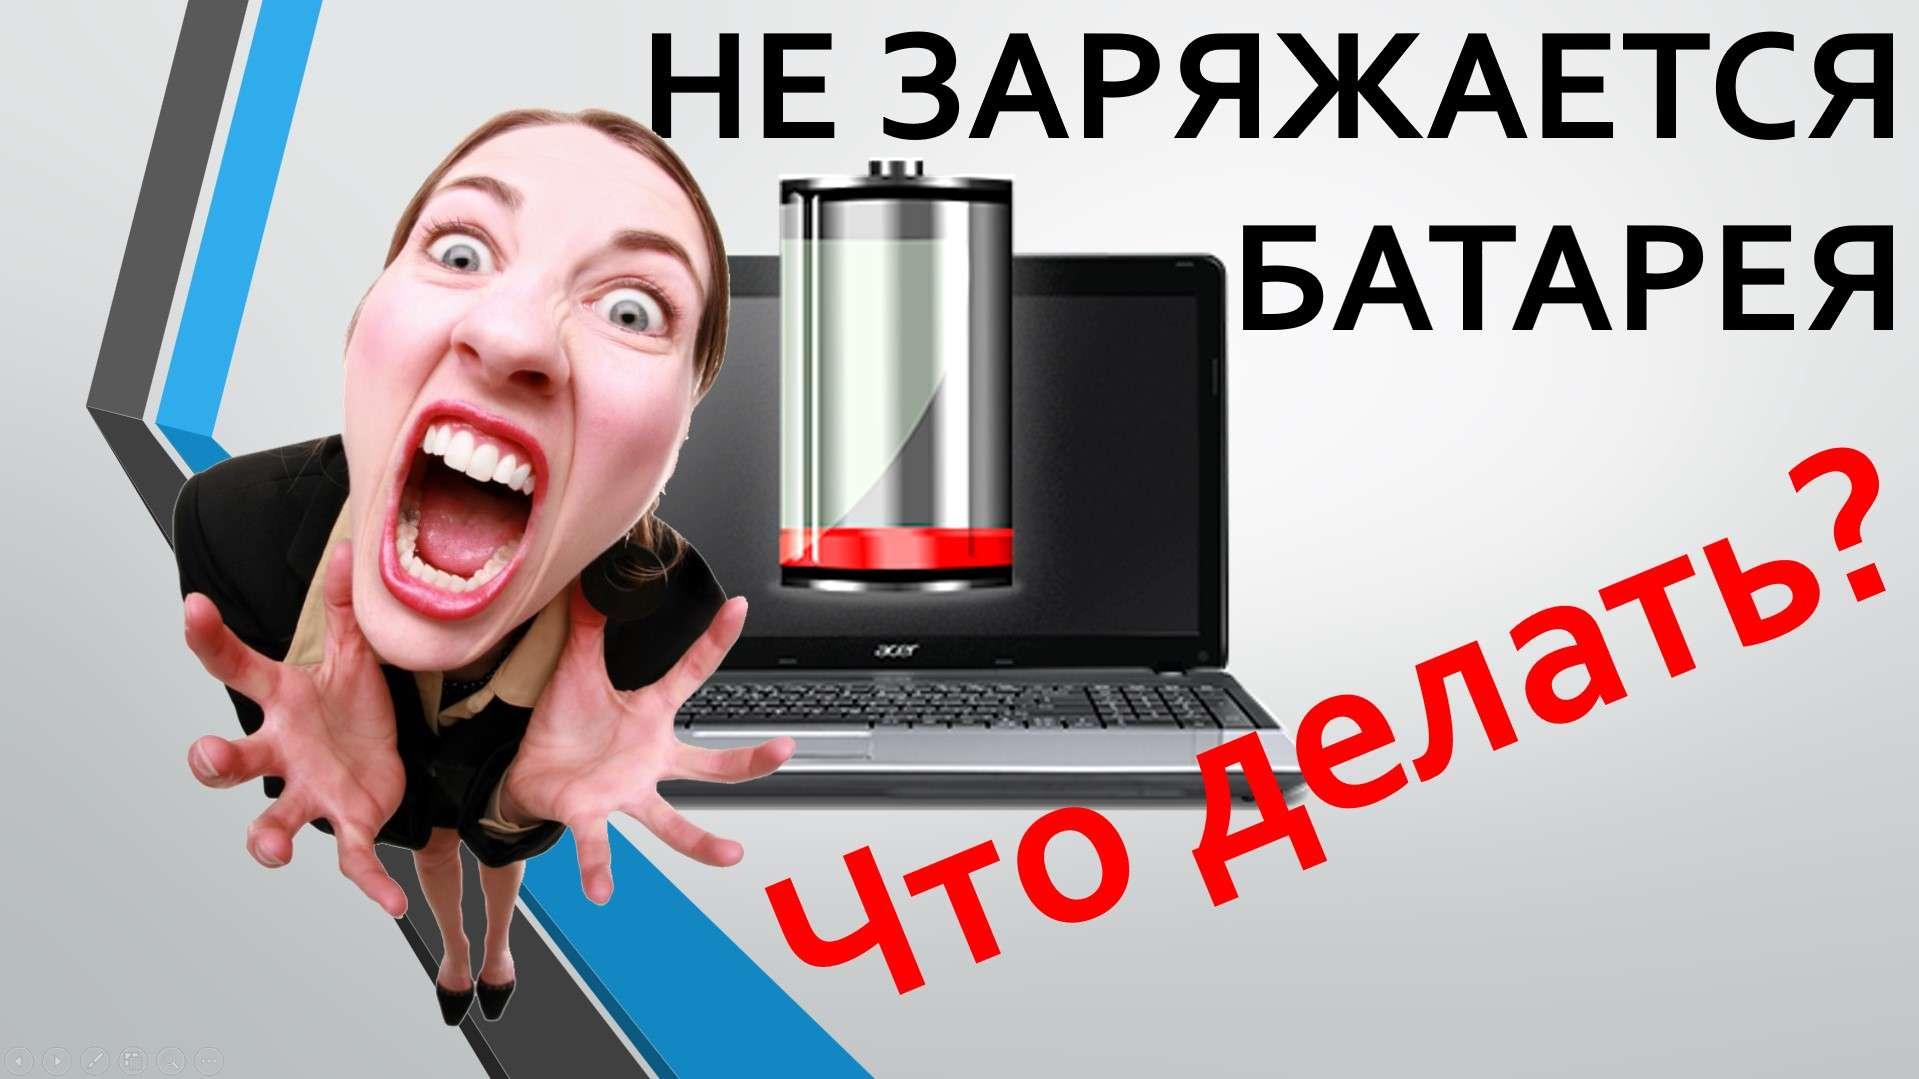 Не заряжается батарея на Ноутбуке! Что делать?